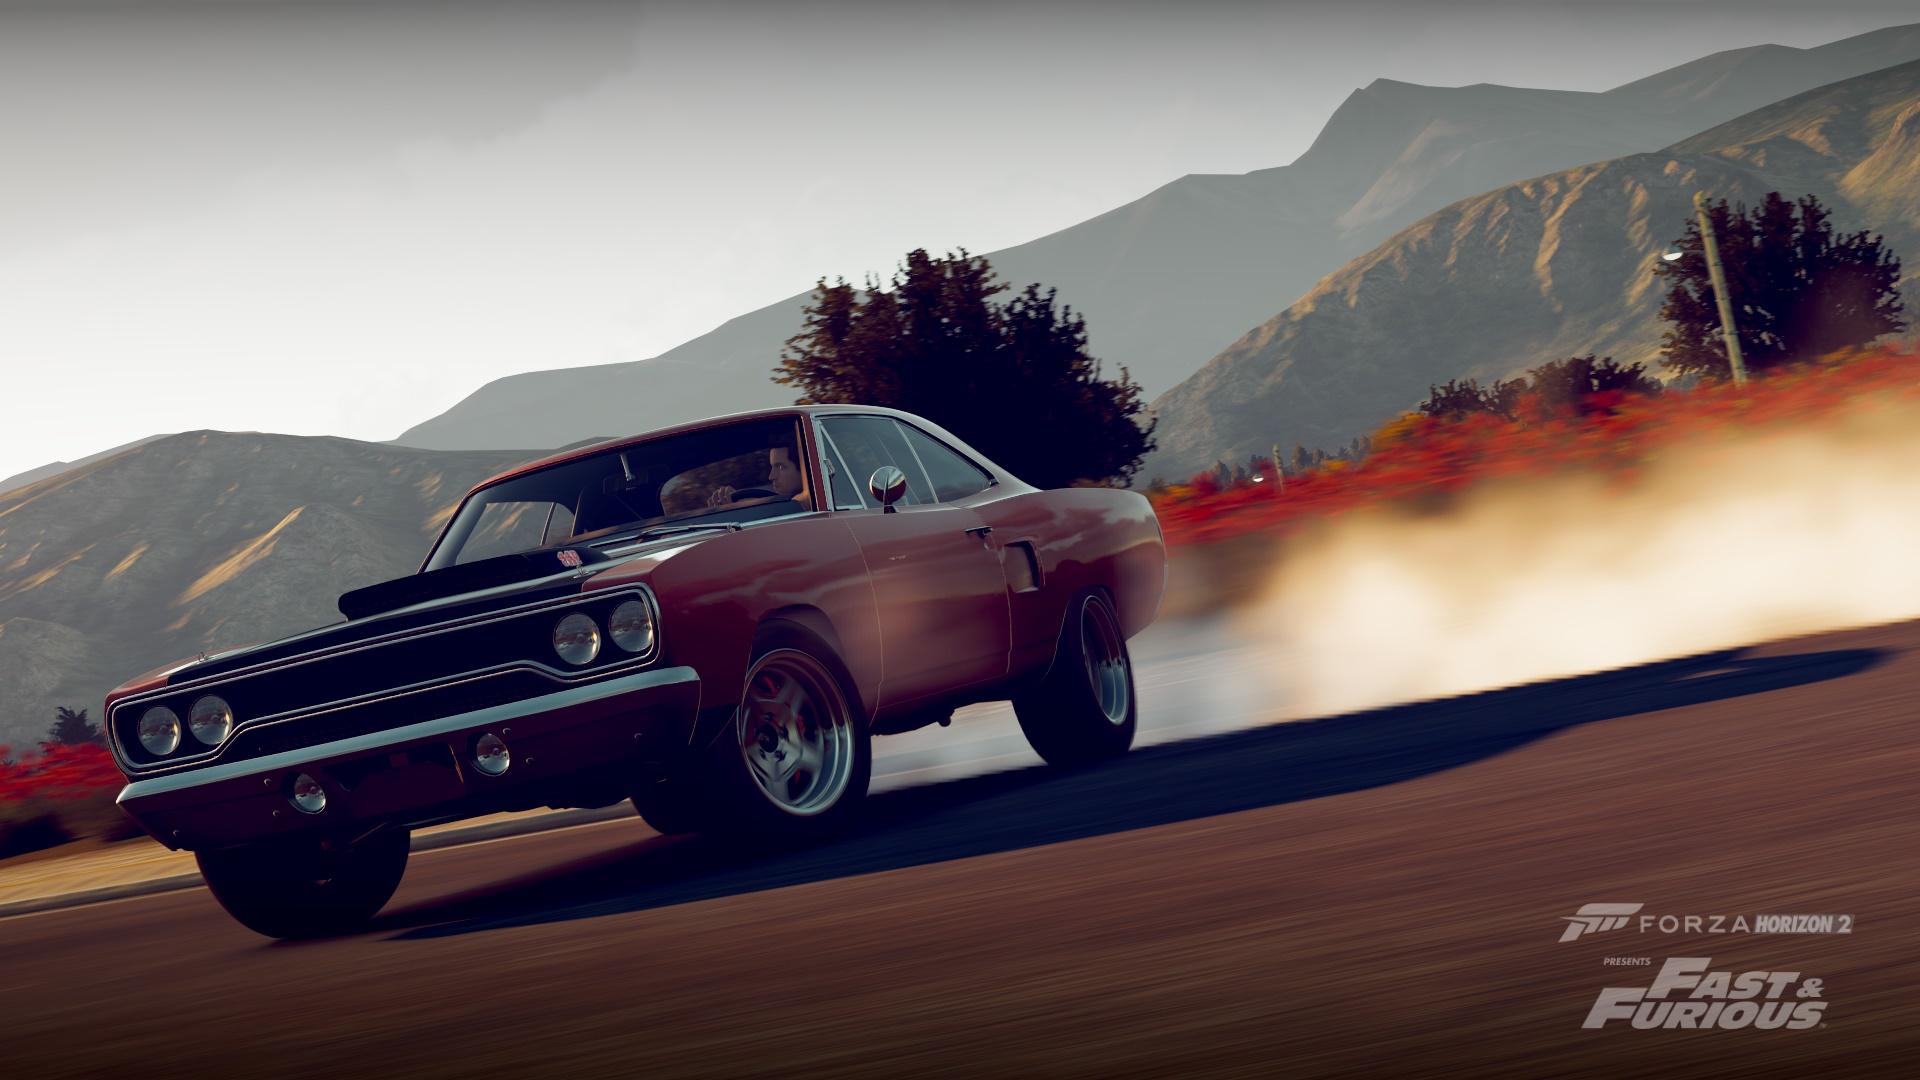 Roadrunner By OMAXXIMUM RIDEo